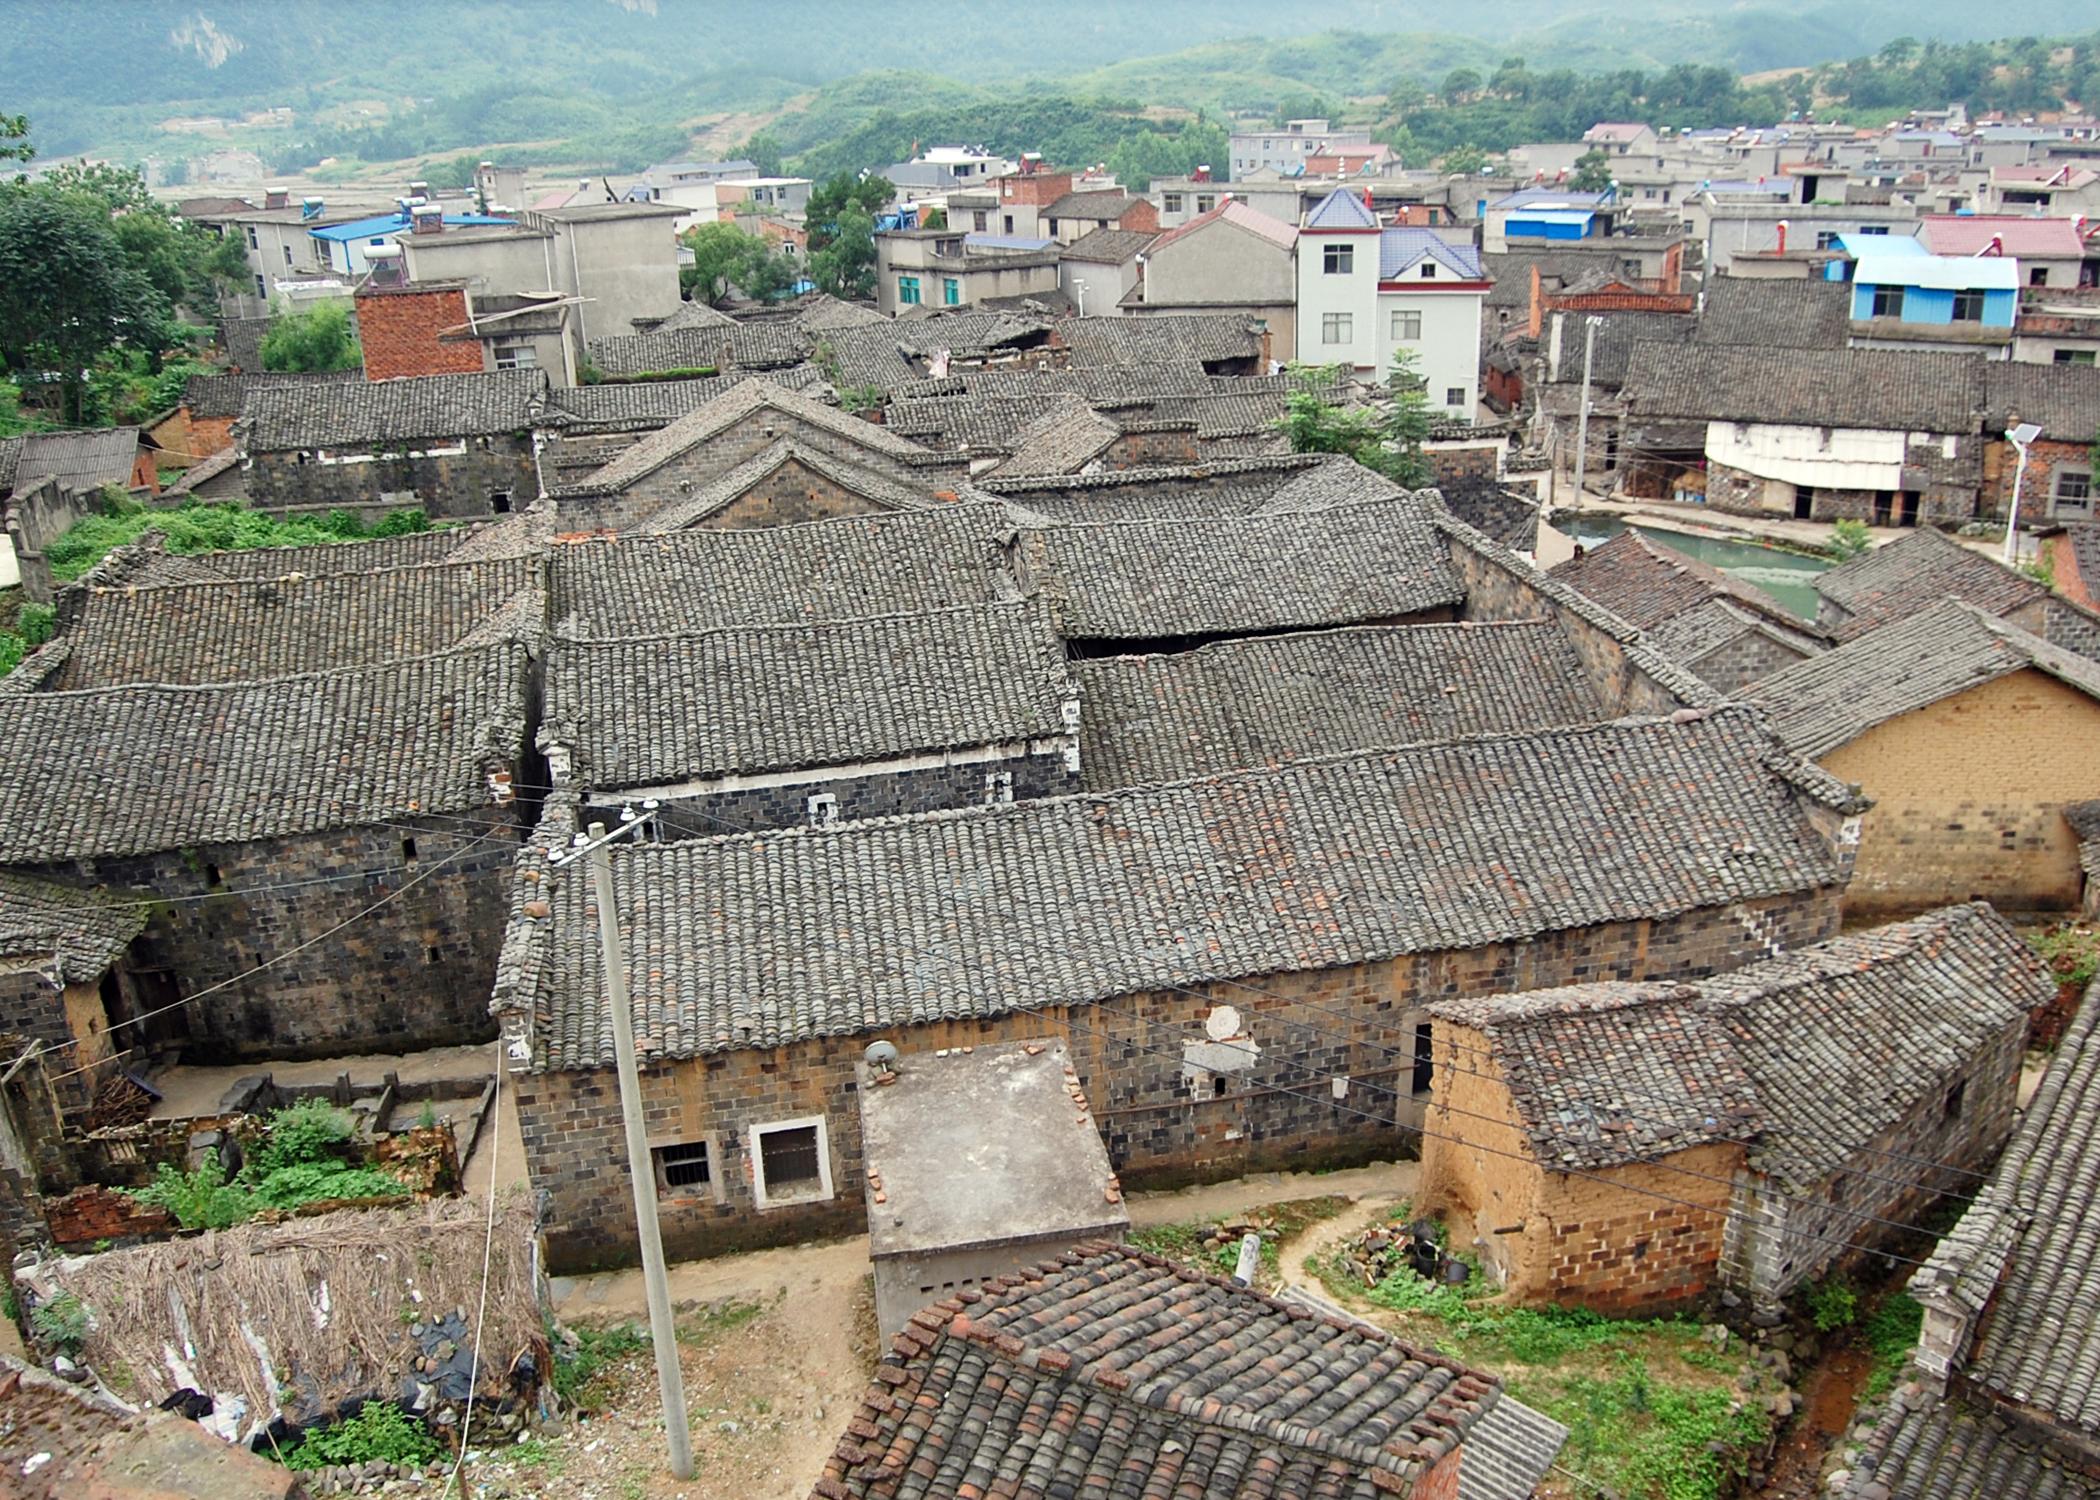 别墅村落--阳新县浮屠镇玉堍村仿古传统小岛建筑图片